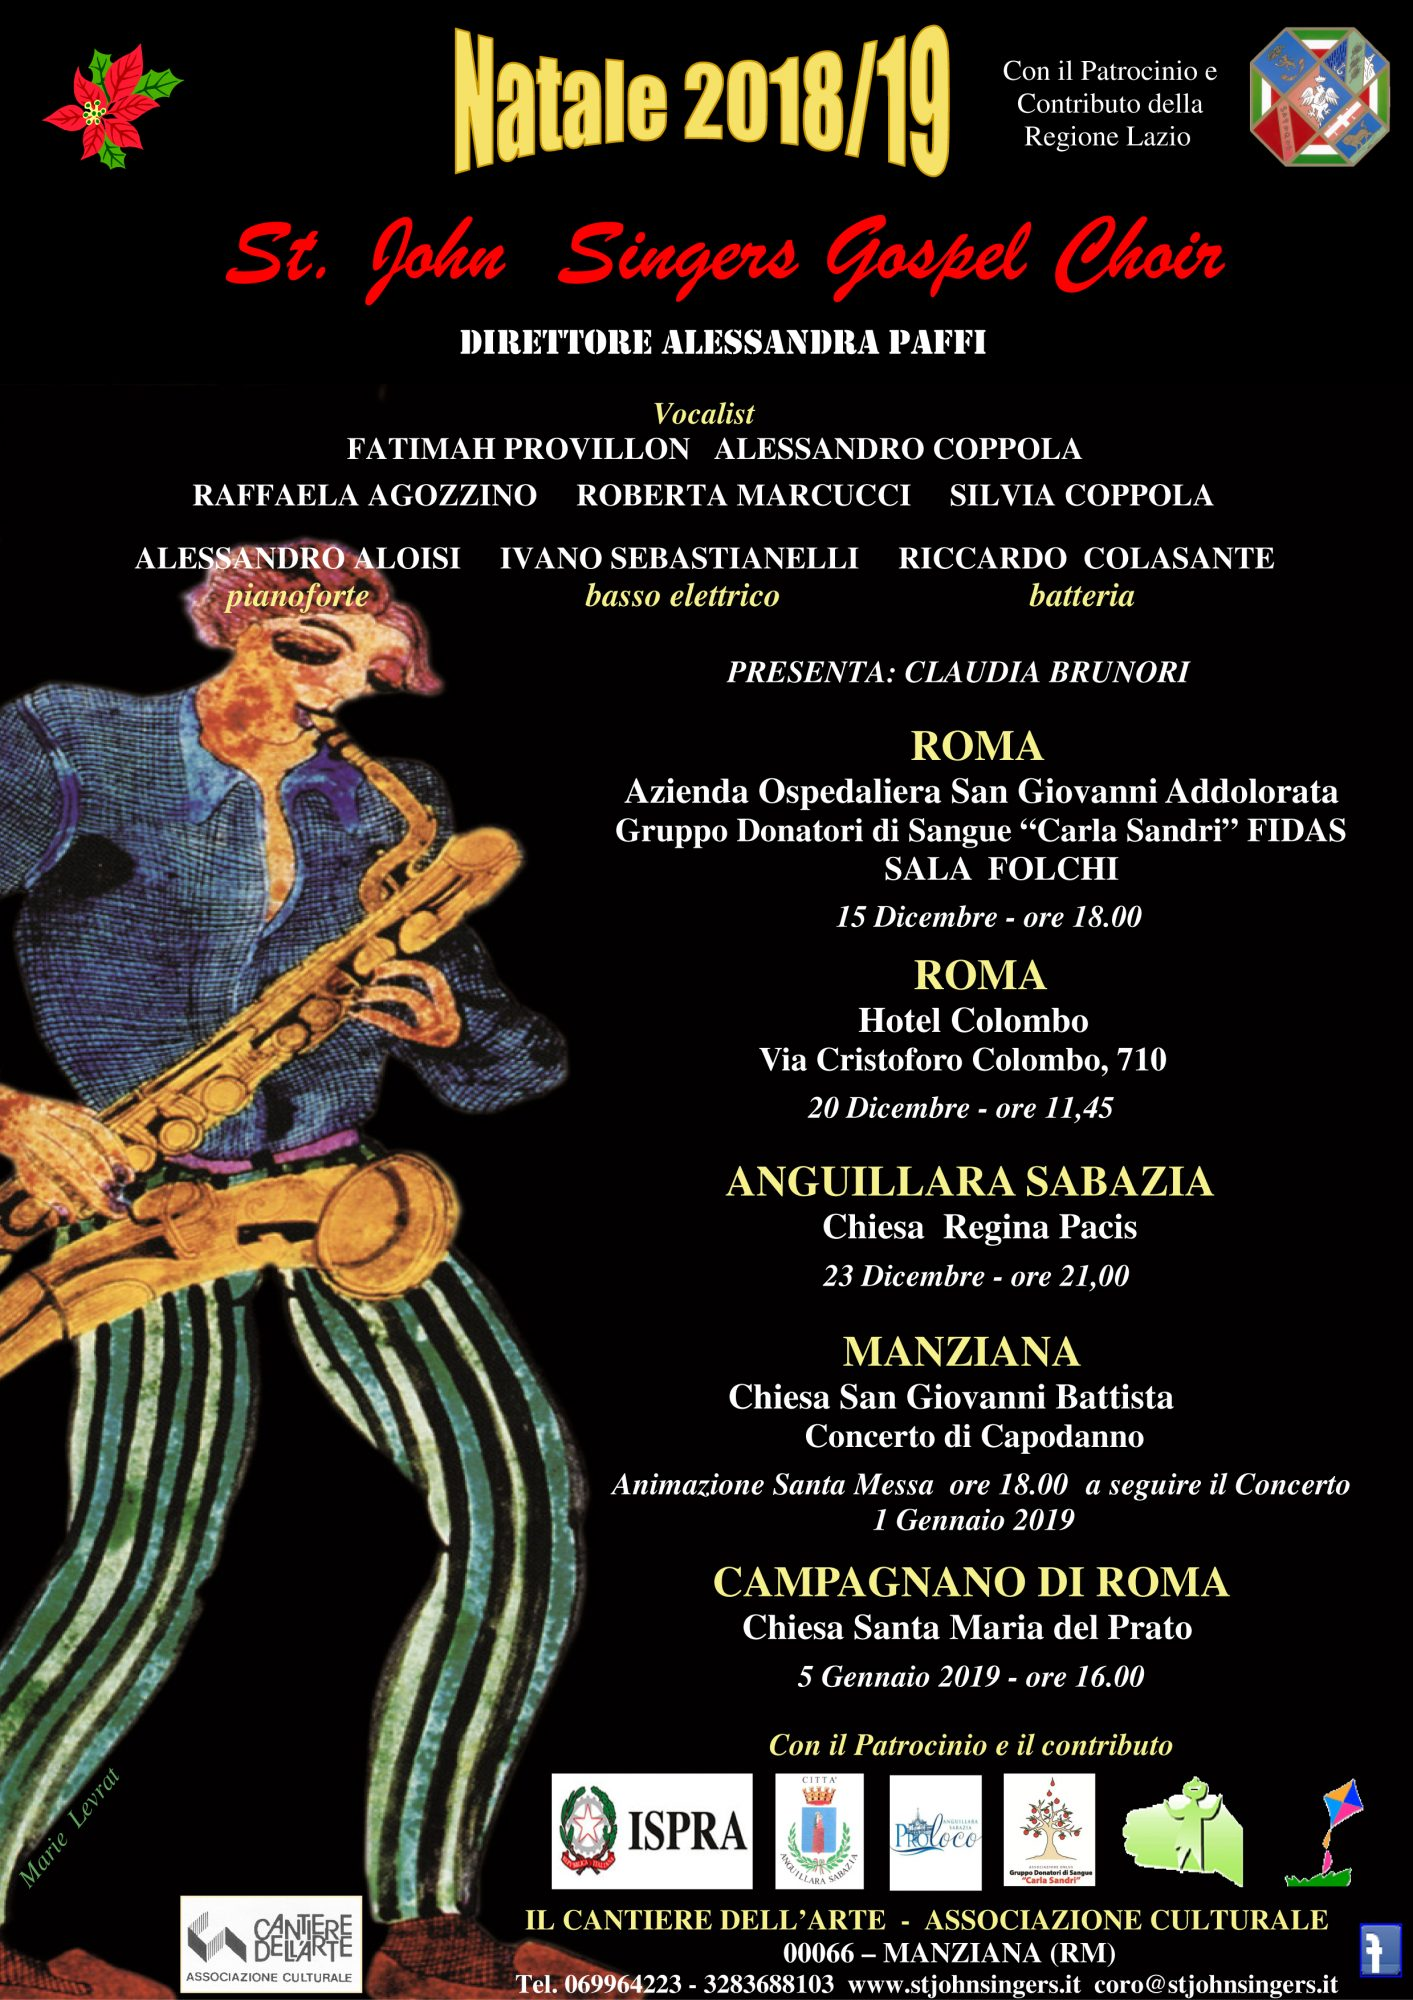 St John's Singer: al via con il contributo della Regione Lazio la stagione da cinque concerti spiritual-gospel